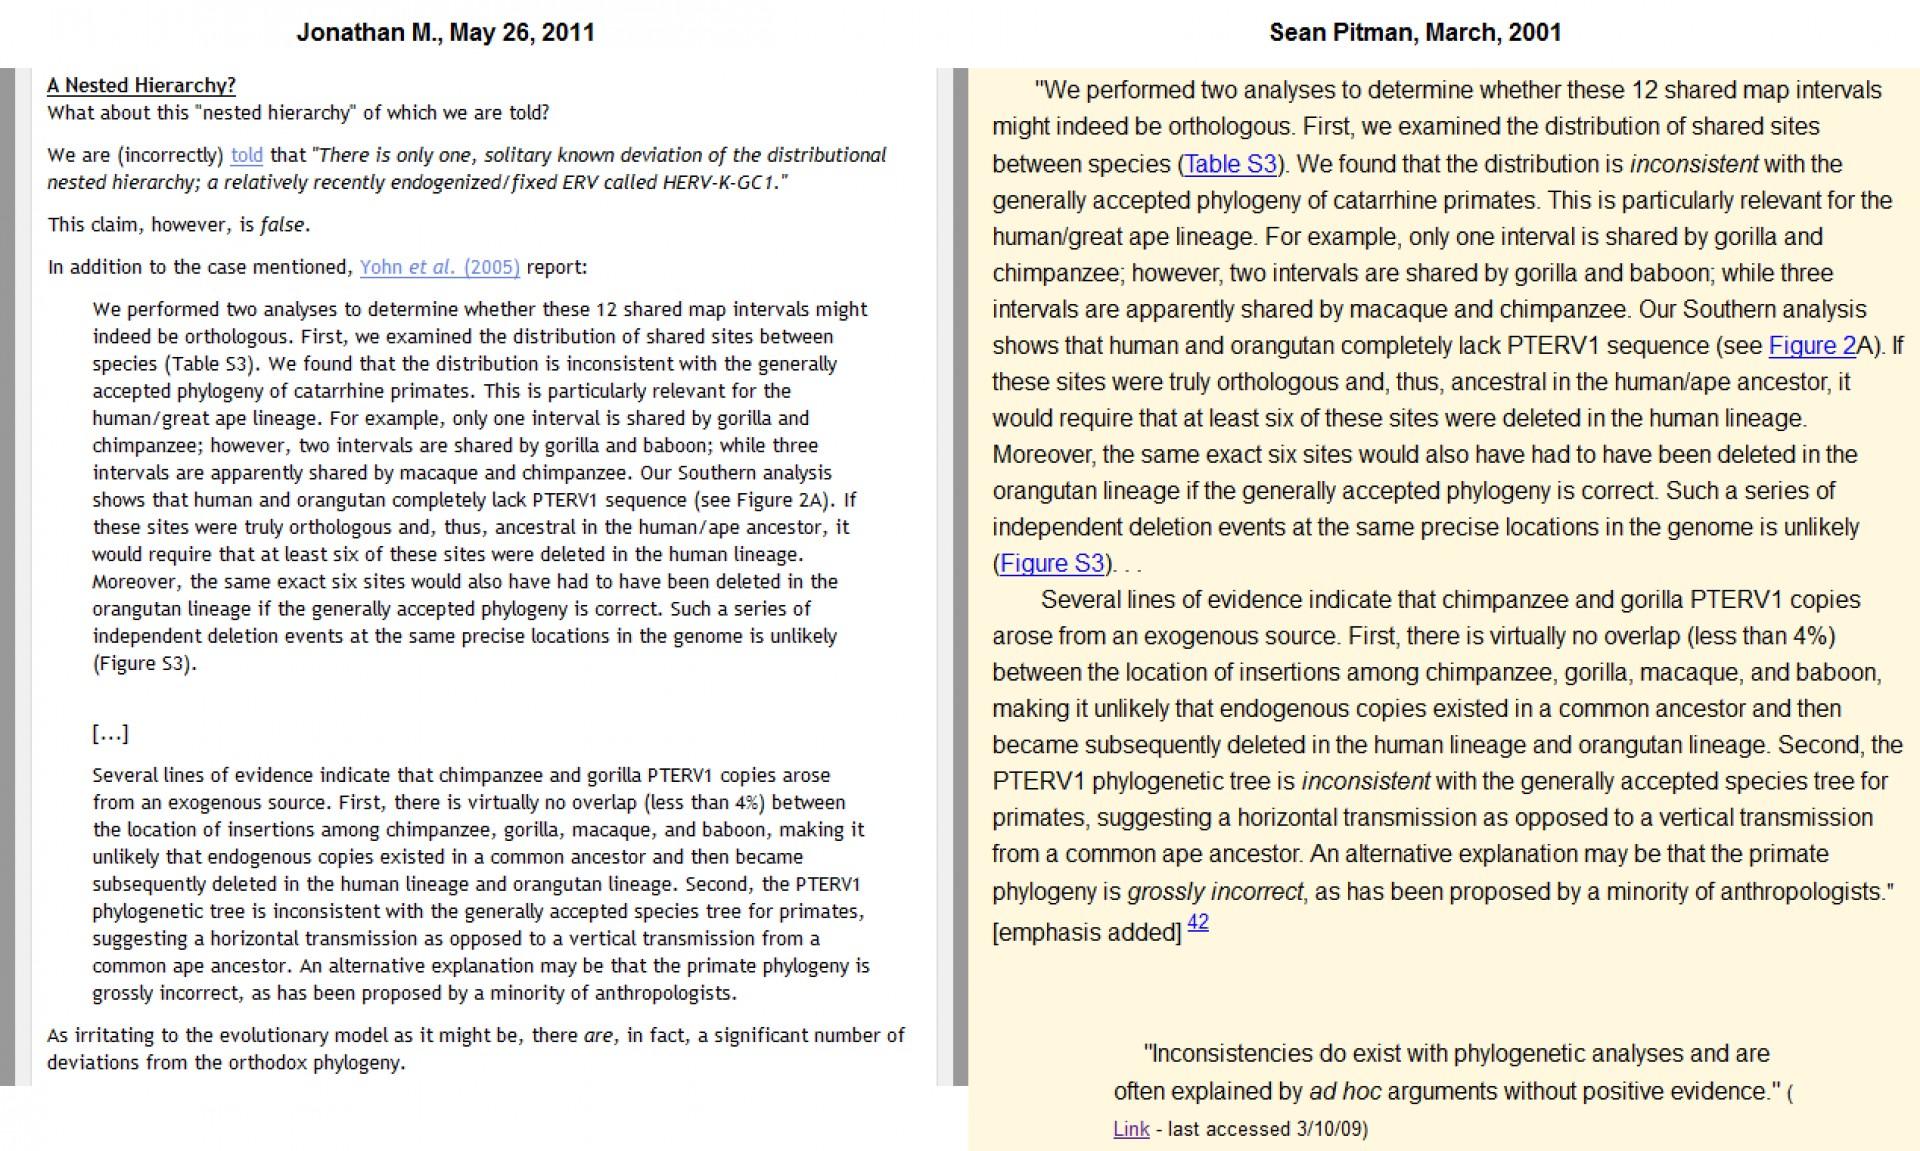 010 Jm Sp Comparison Paraphrase Essay Stirring Means On Criticism Paraphrasing Topics 1920